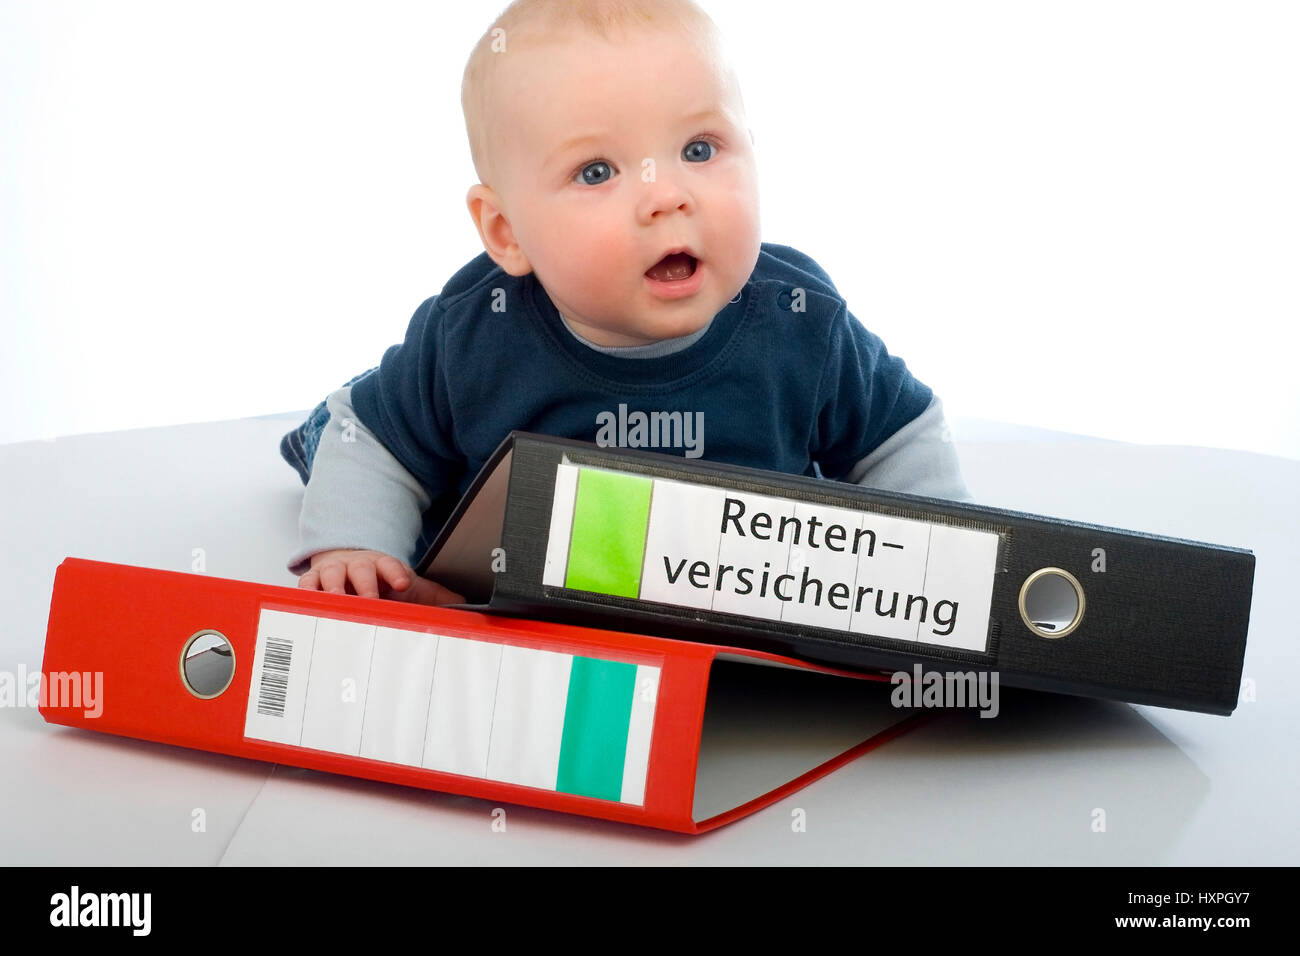 6-year-old boy lies on files (mr), sechsjähriger Junge liegt auf Aktenordnern (mr) - Stock Image